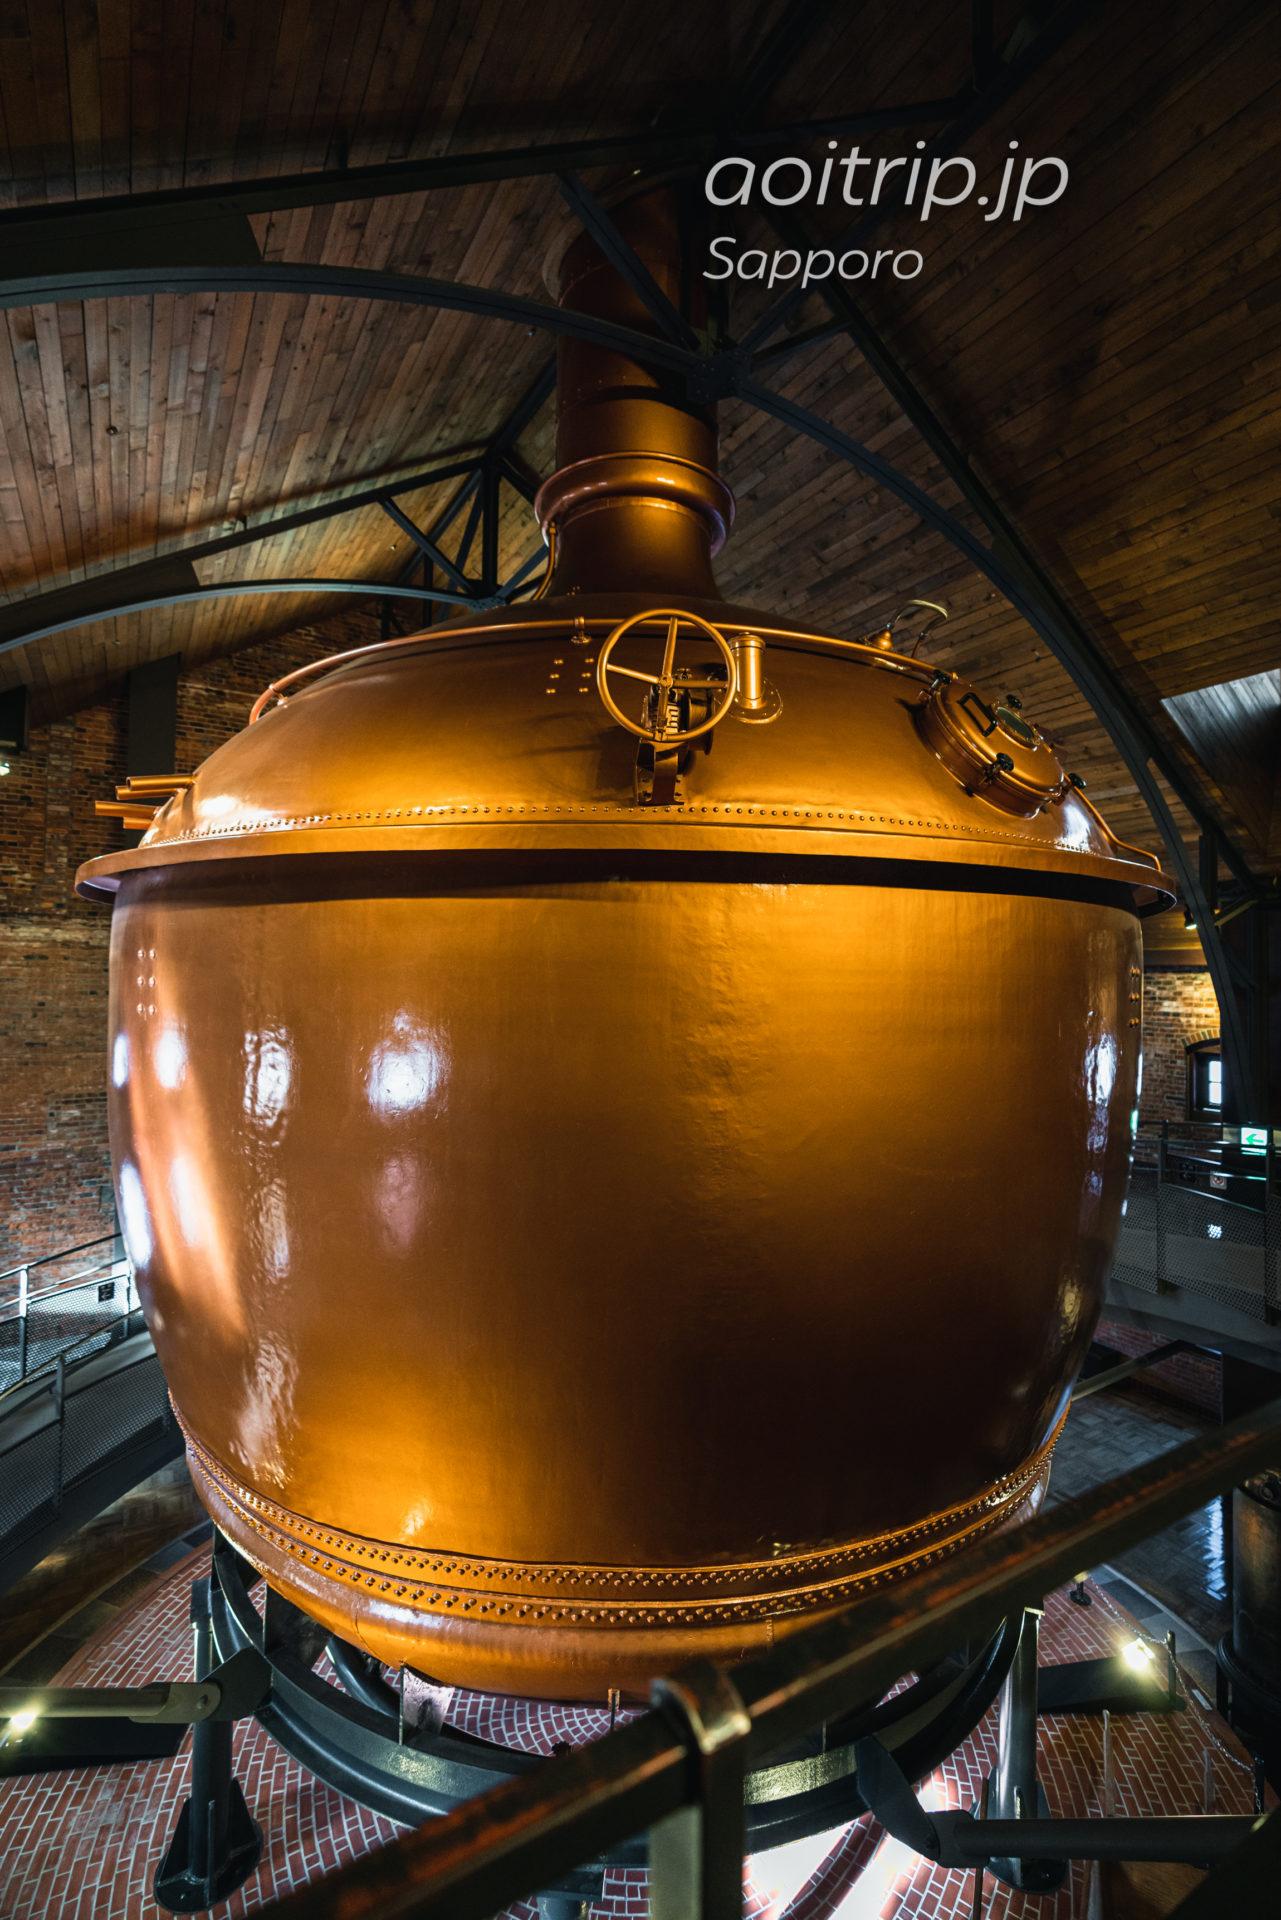 サッポロビール博物館 煮沸釜(ウォルトパン)